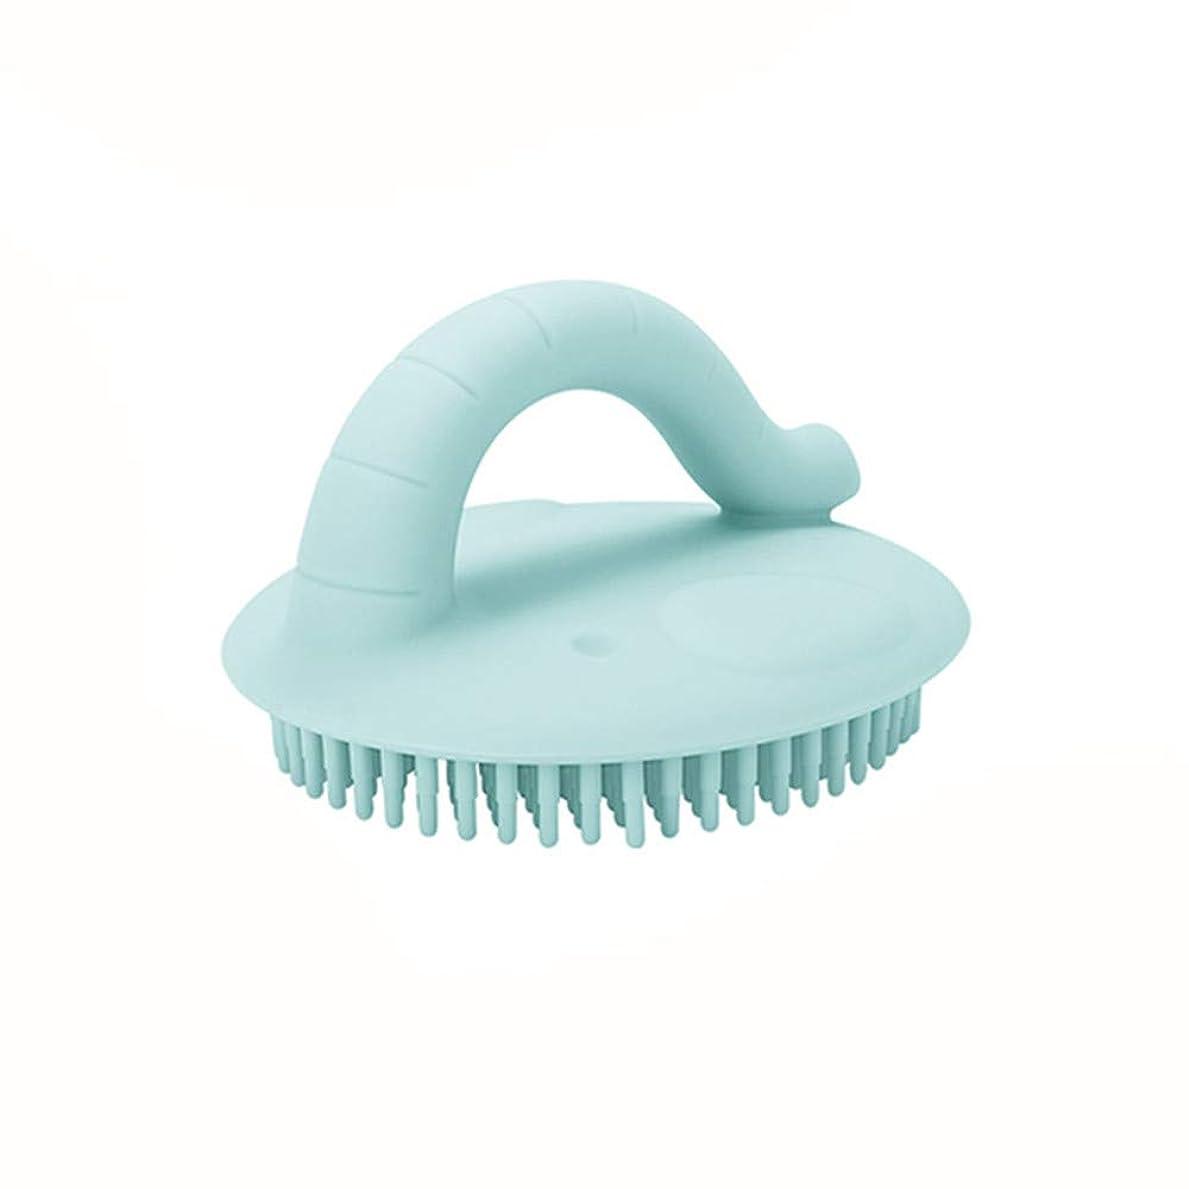 不適期待して学校シリコンバスシャワーブラシ、スキンエクスフォリエイティングボディスクラバー掃除が簡単ボディスクラバーベビーシャワーブラシクリーニングマッサージャー柔らかく快適